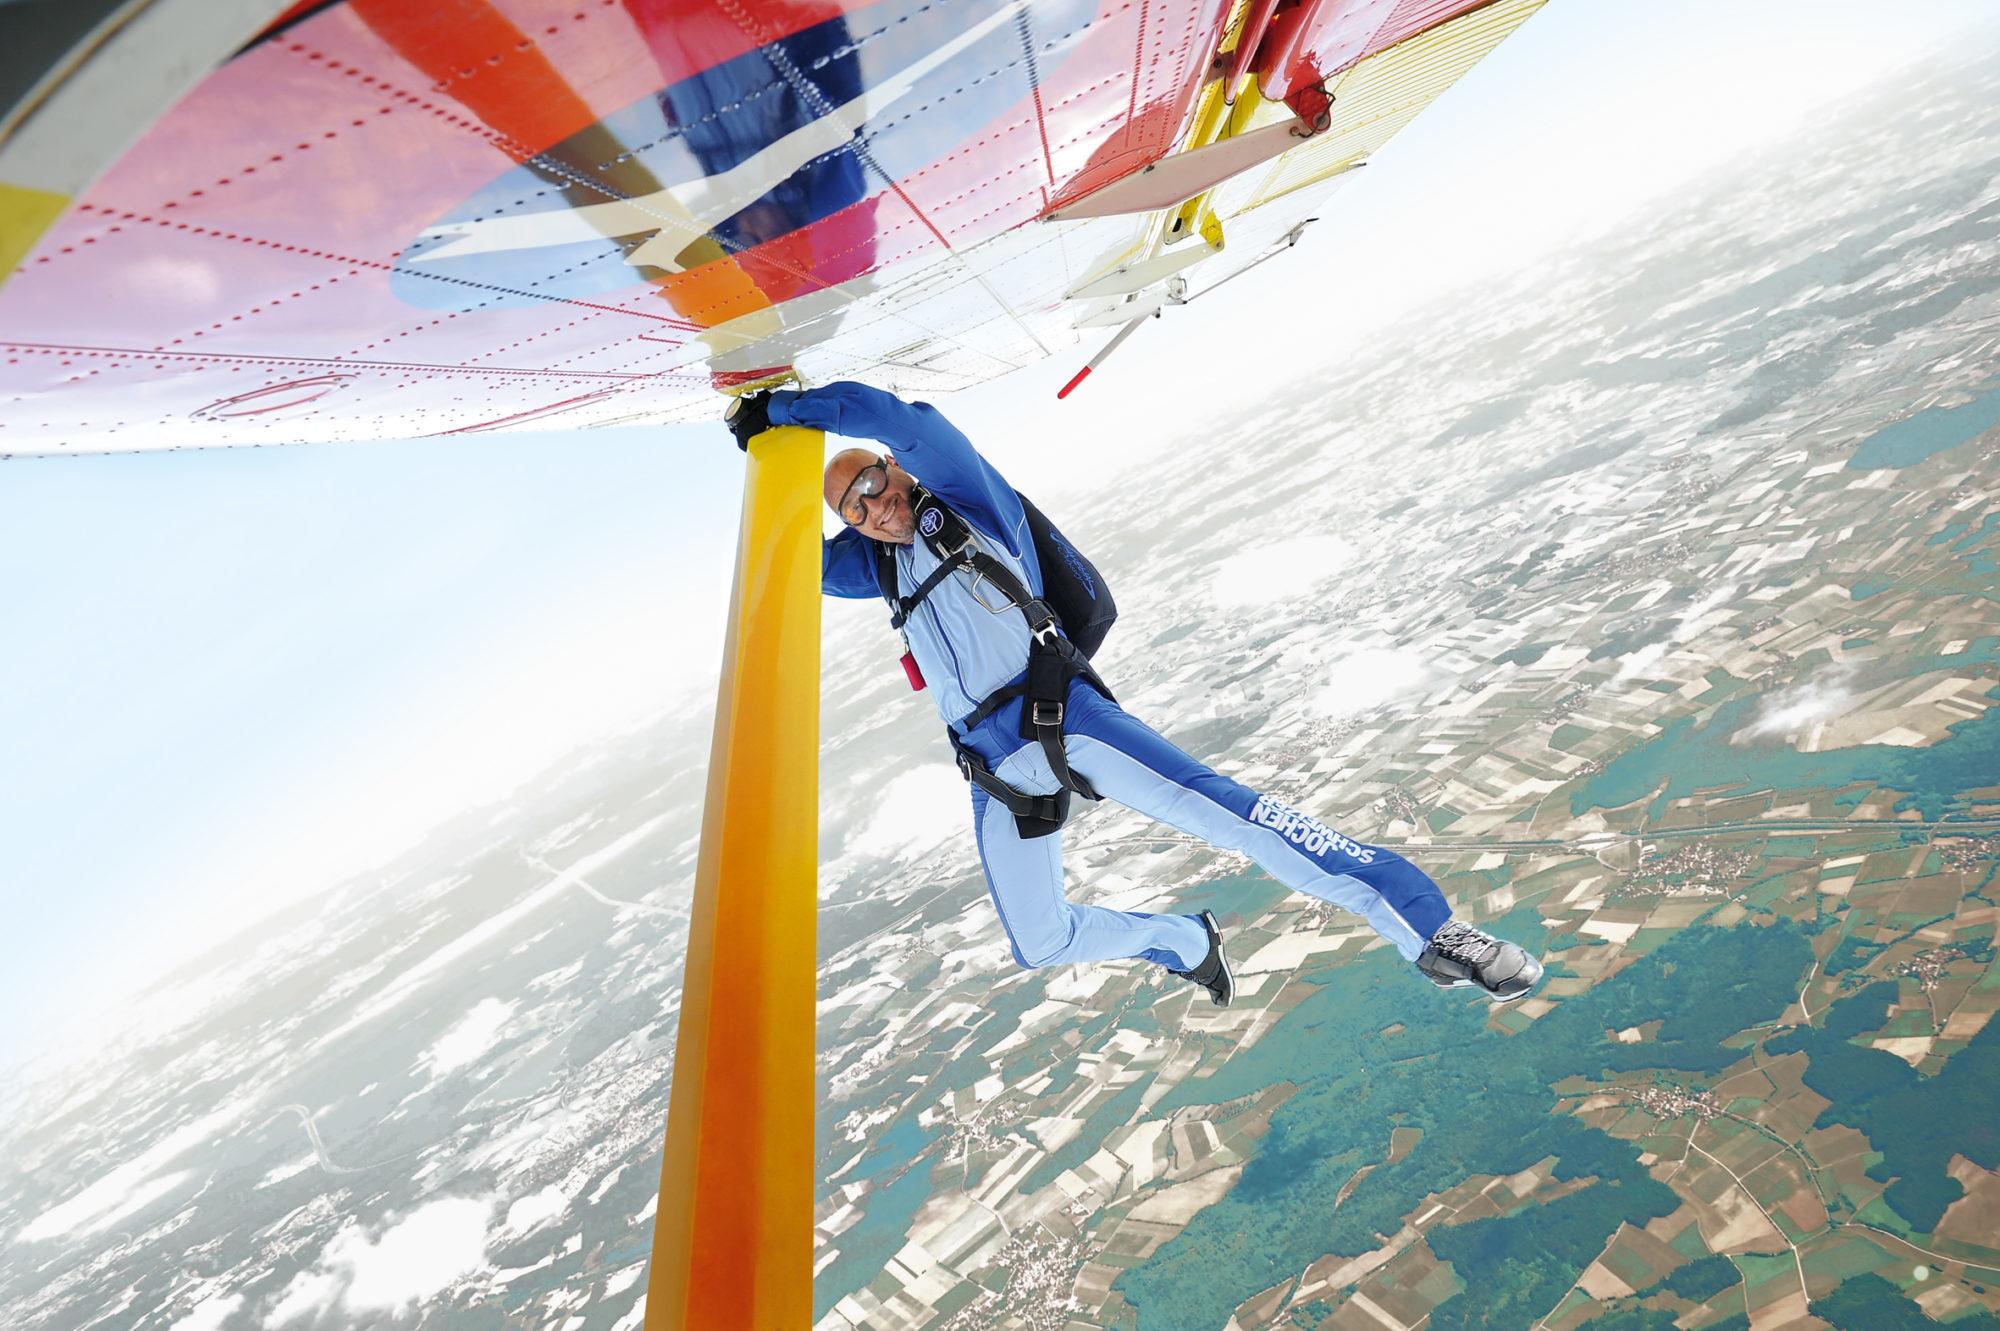 Jochen Schweizer kurz vor dem Sprung in die Tiefe aus dem Flugzeug